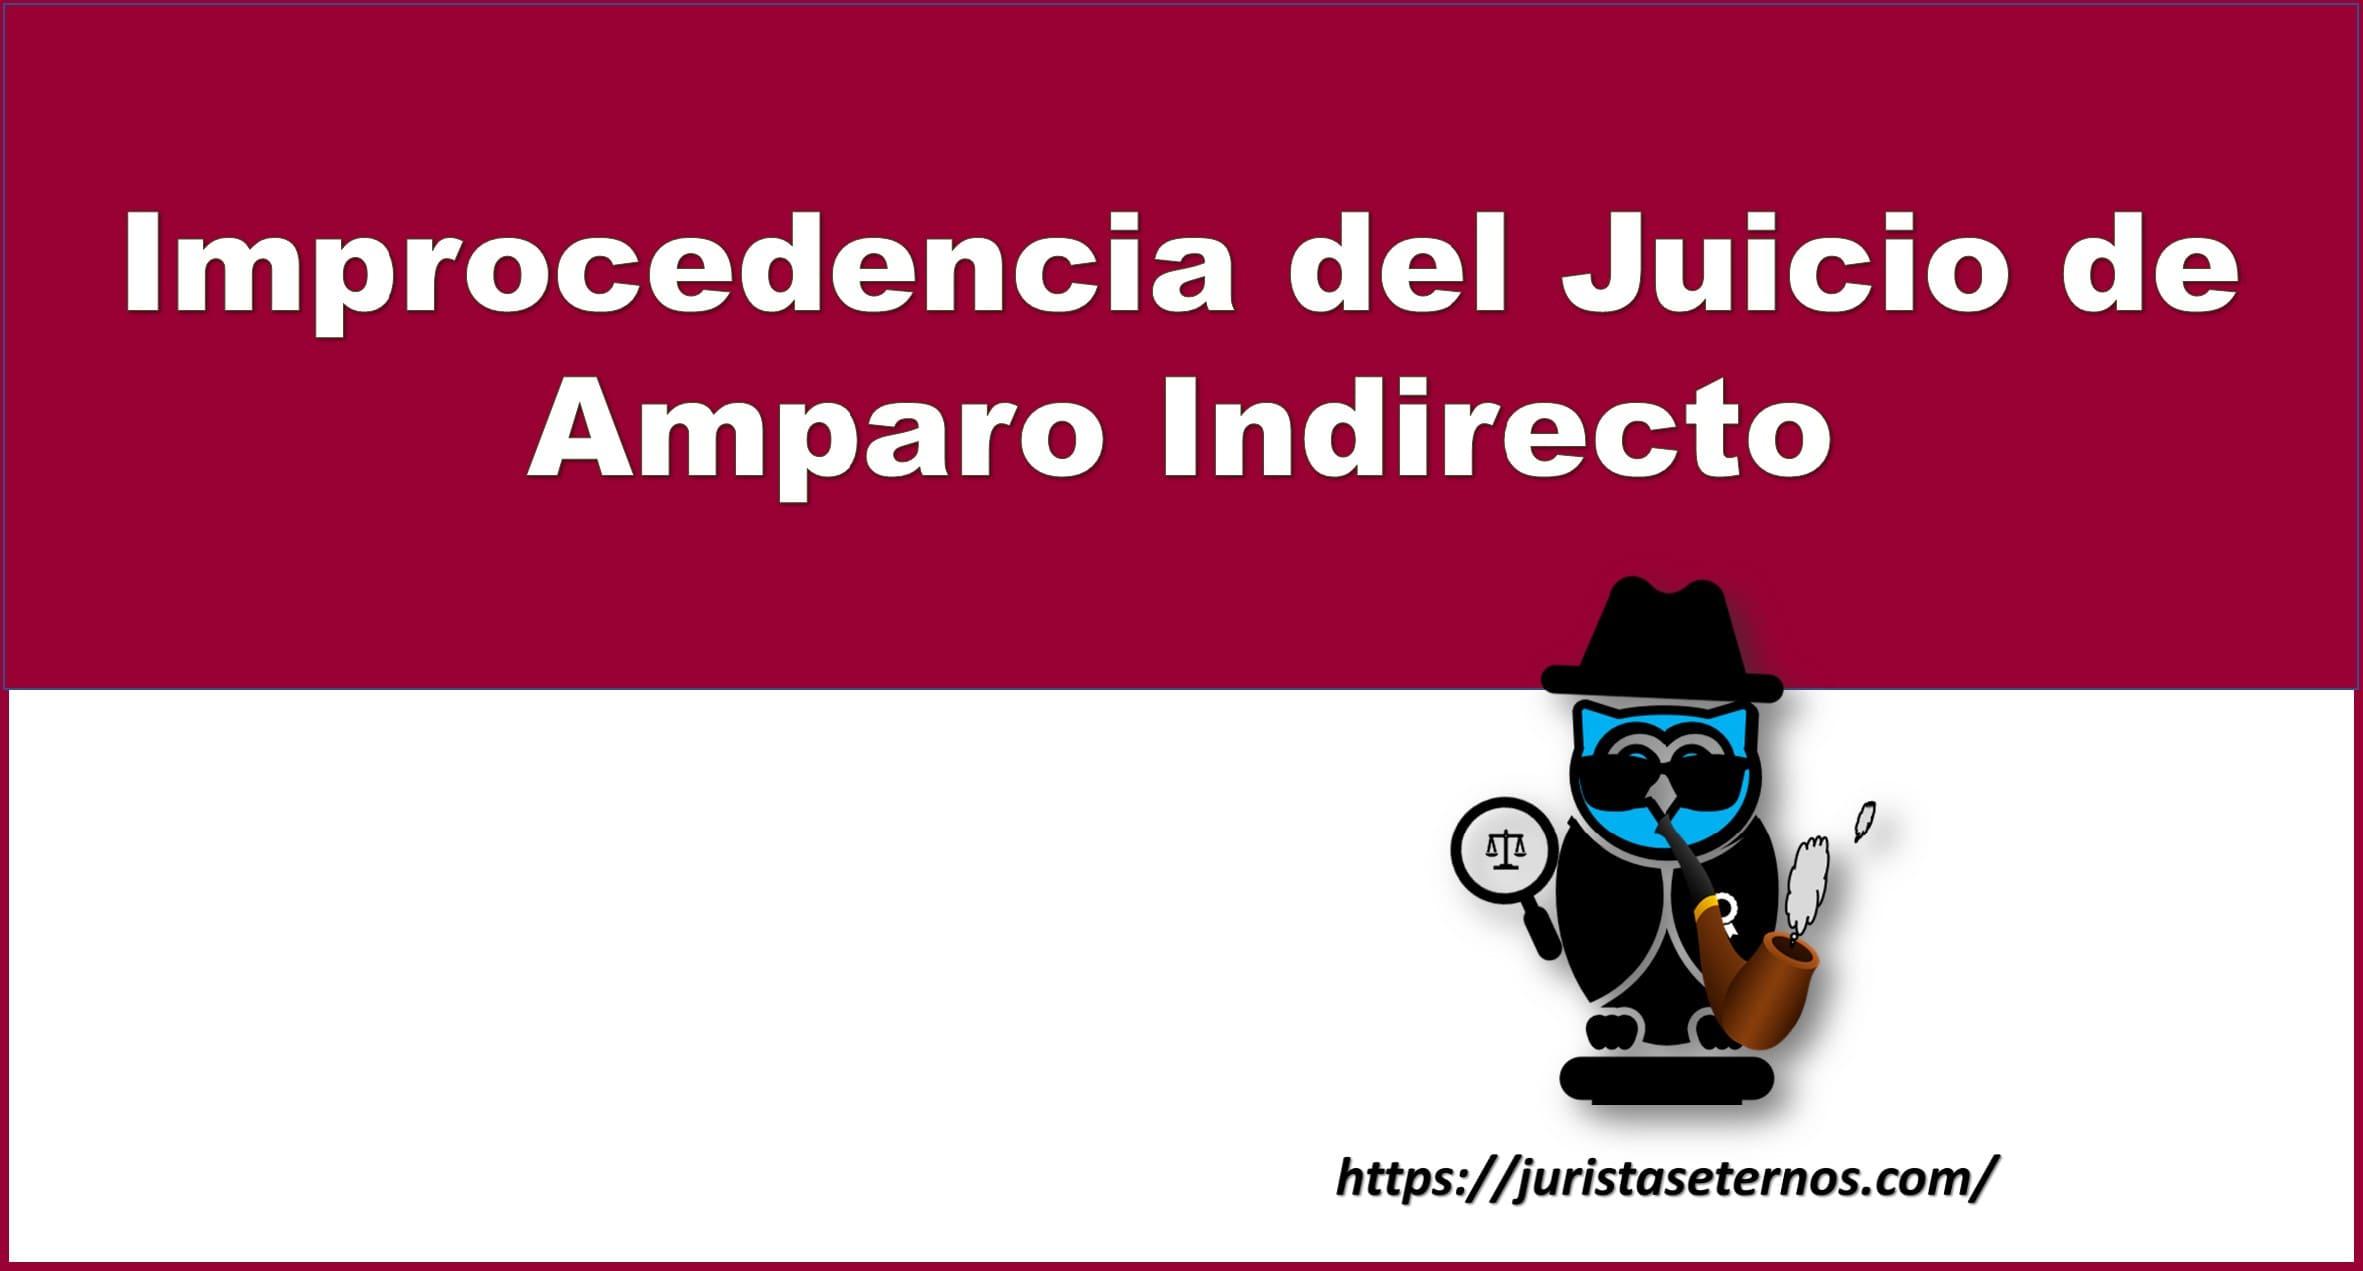 improcedencia del juicio de amparo indirecto